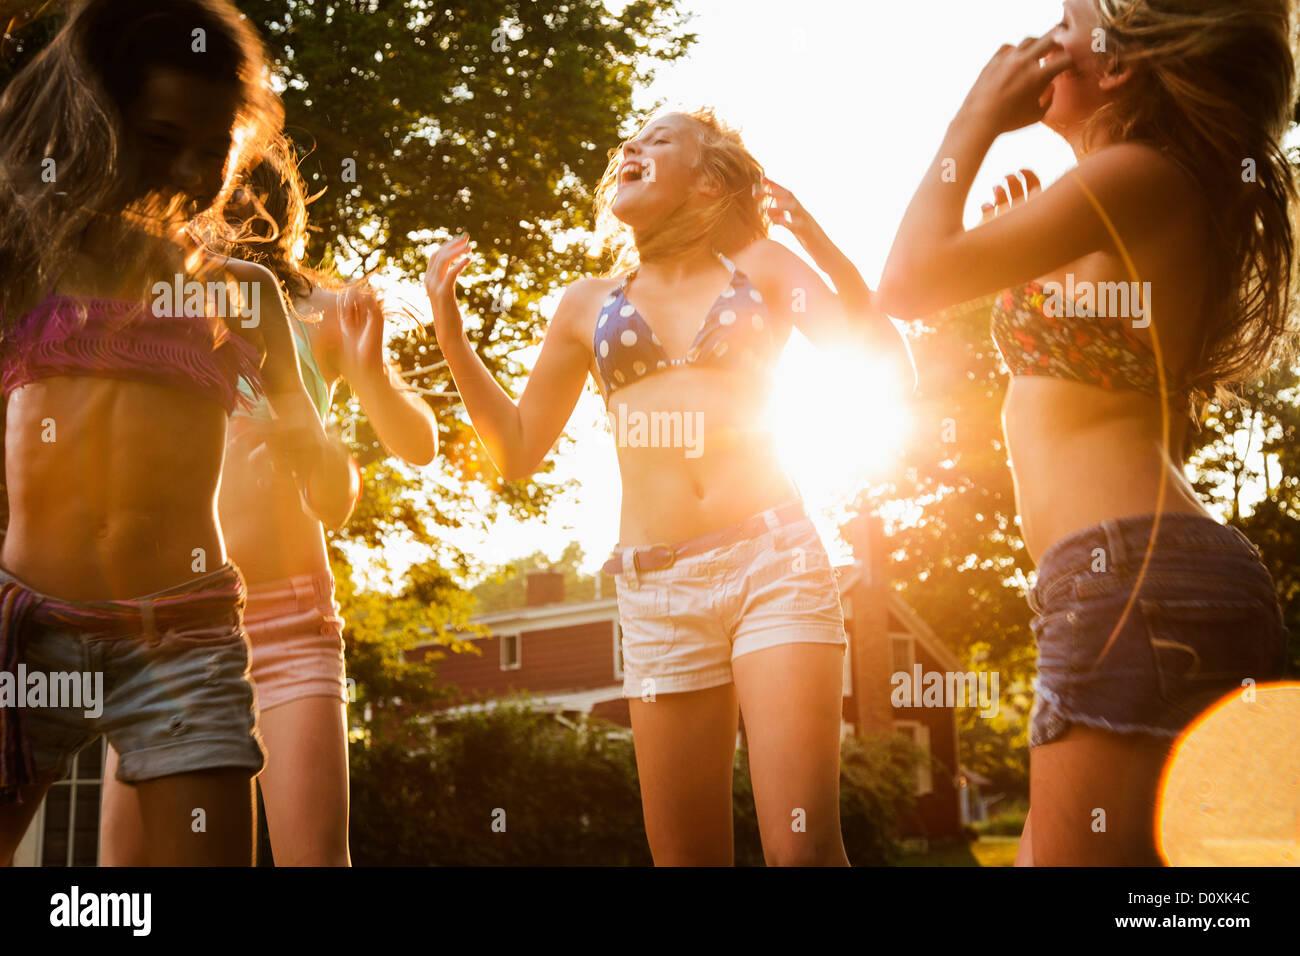 Mädchen tanzen im Garten Stockbild